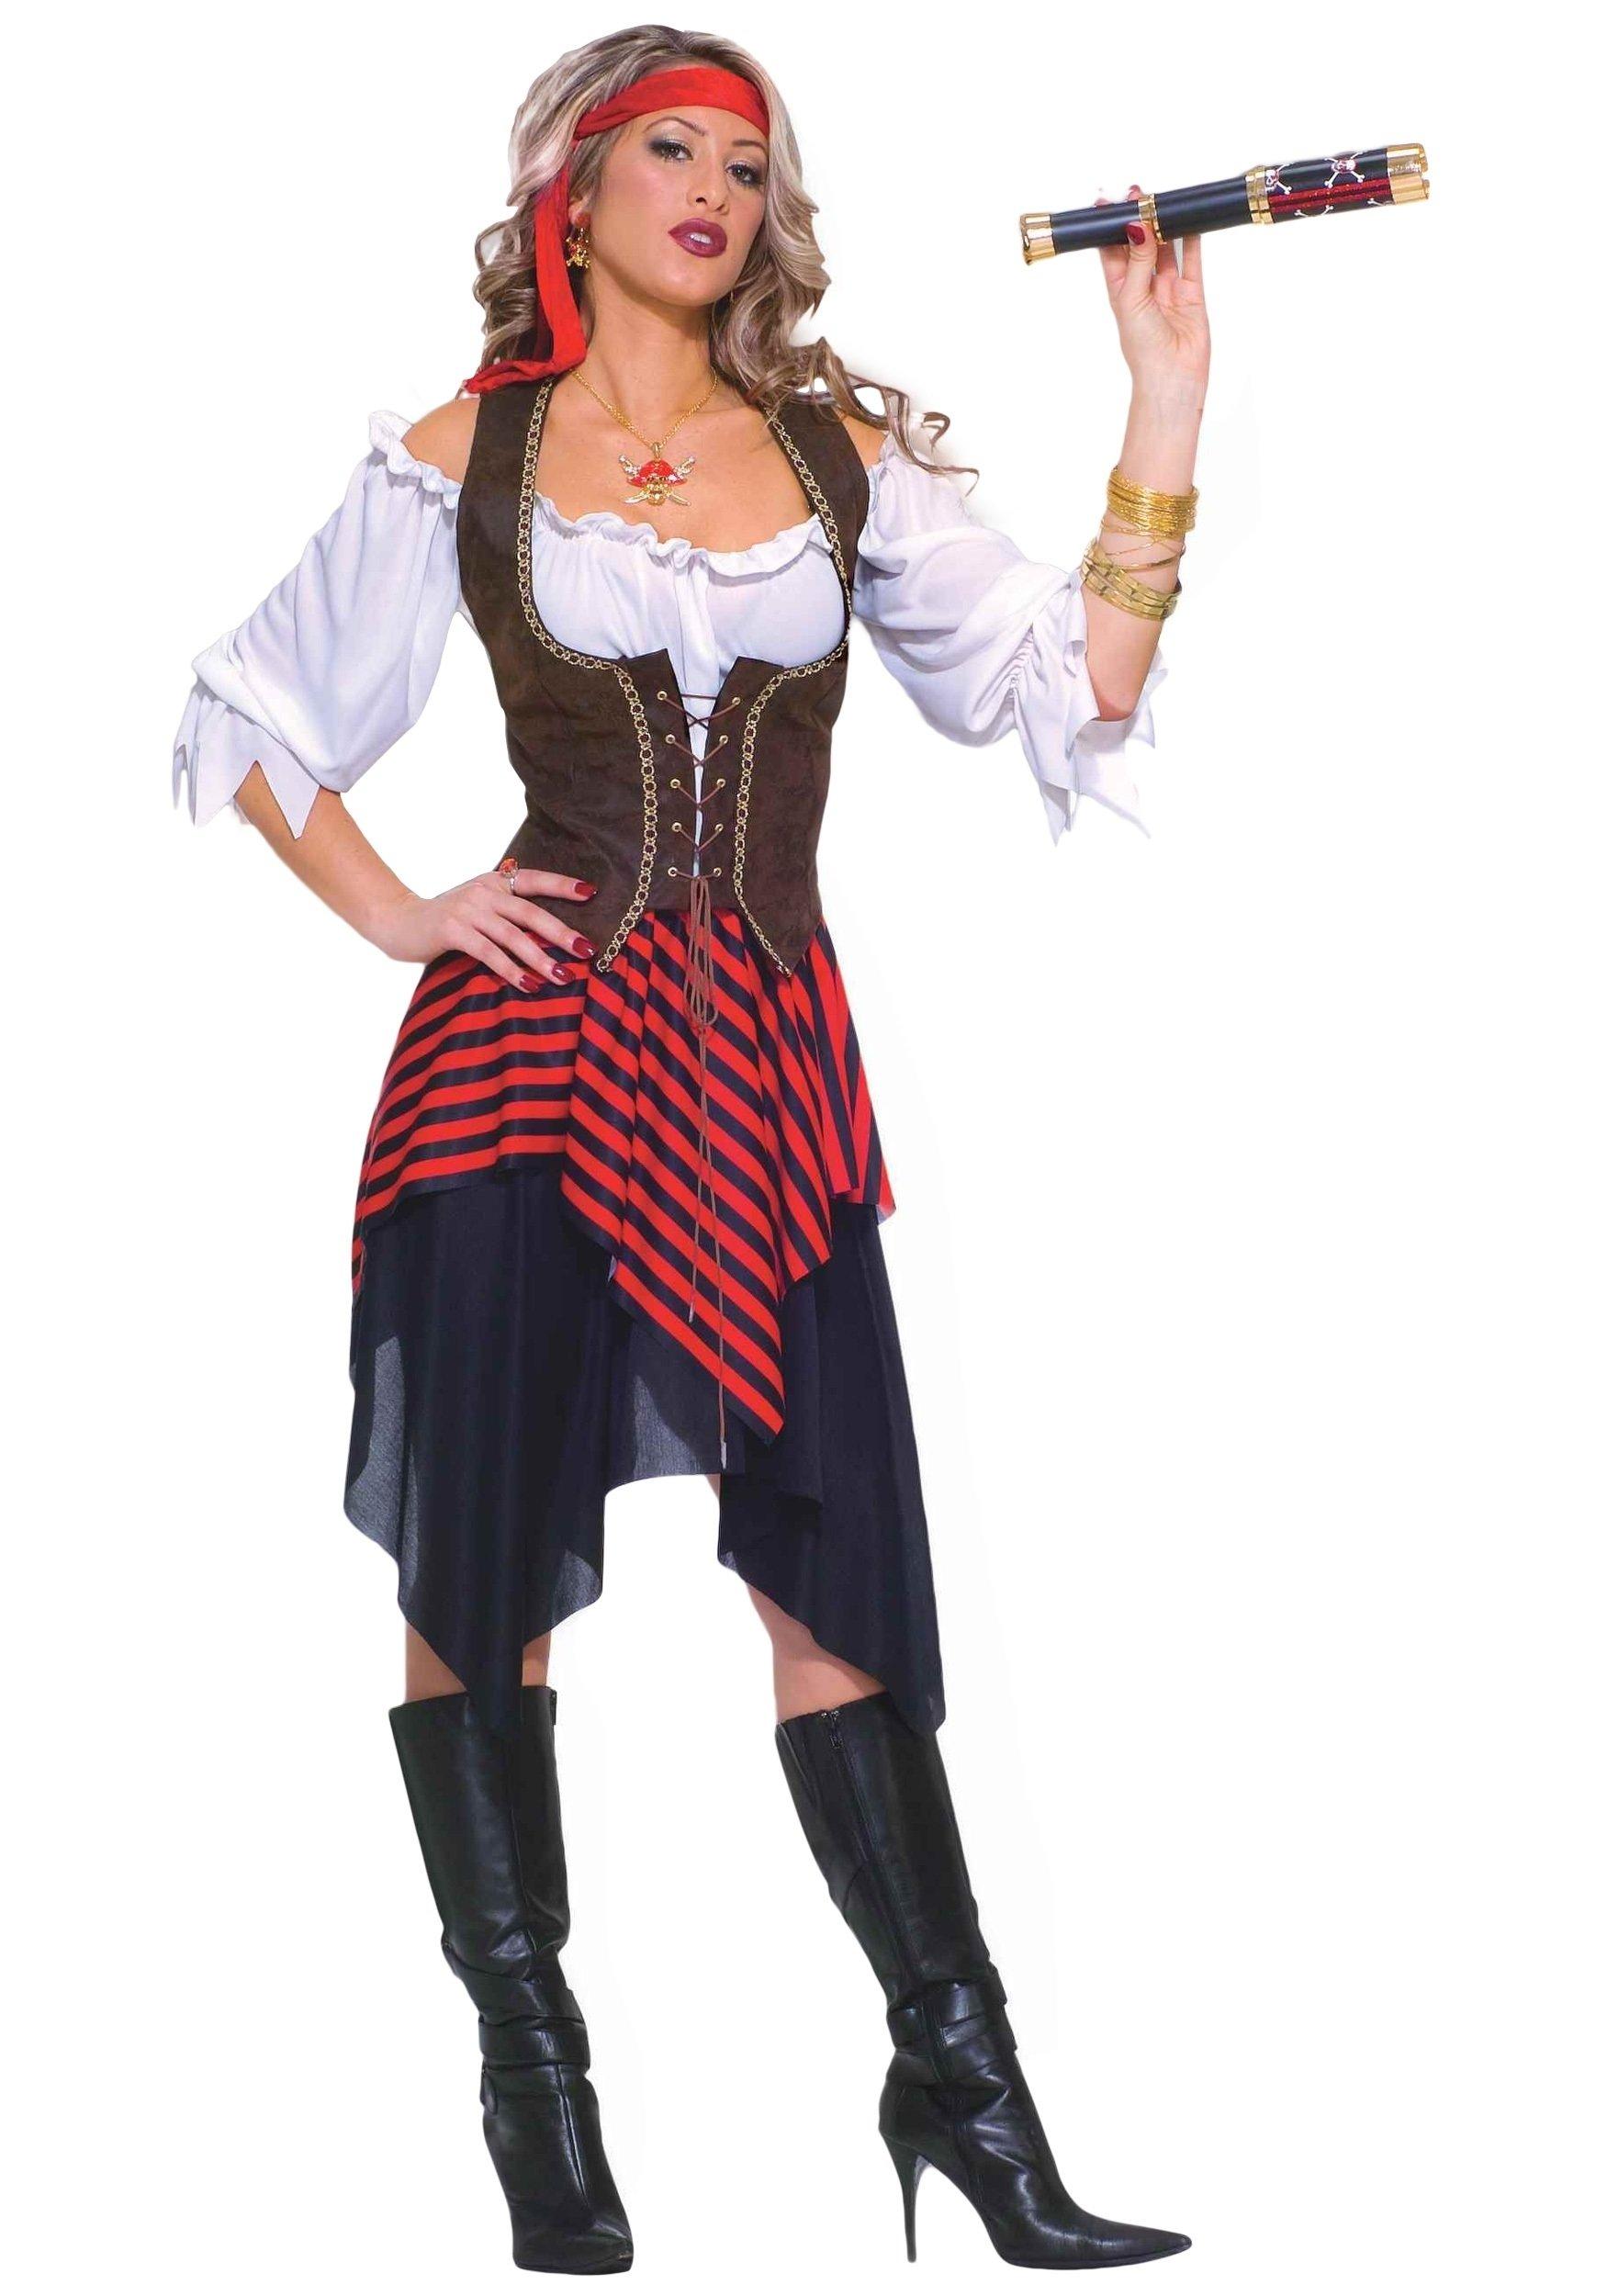 sweet buccaneer costume